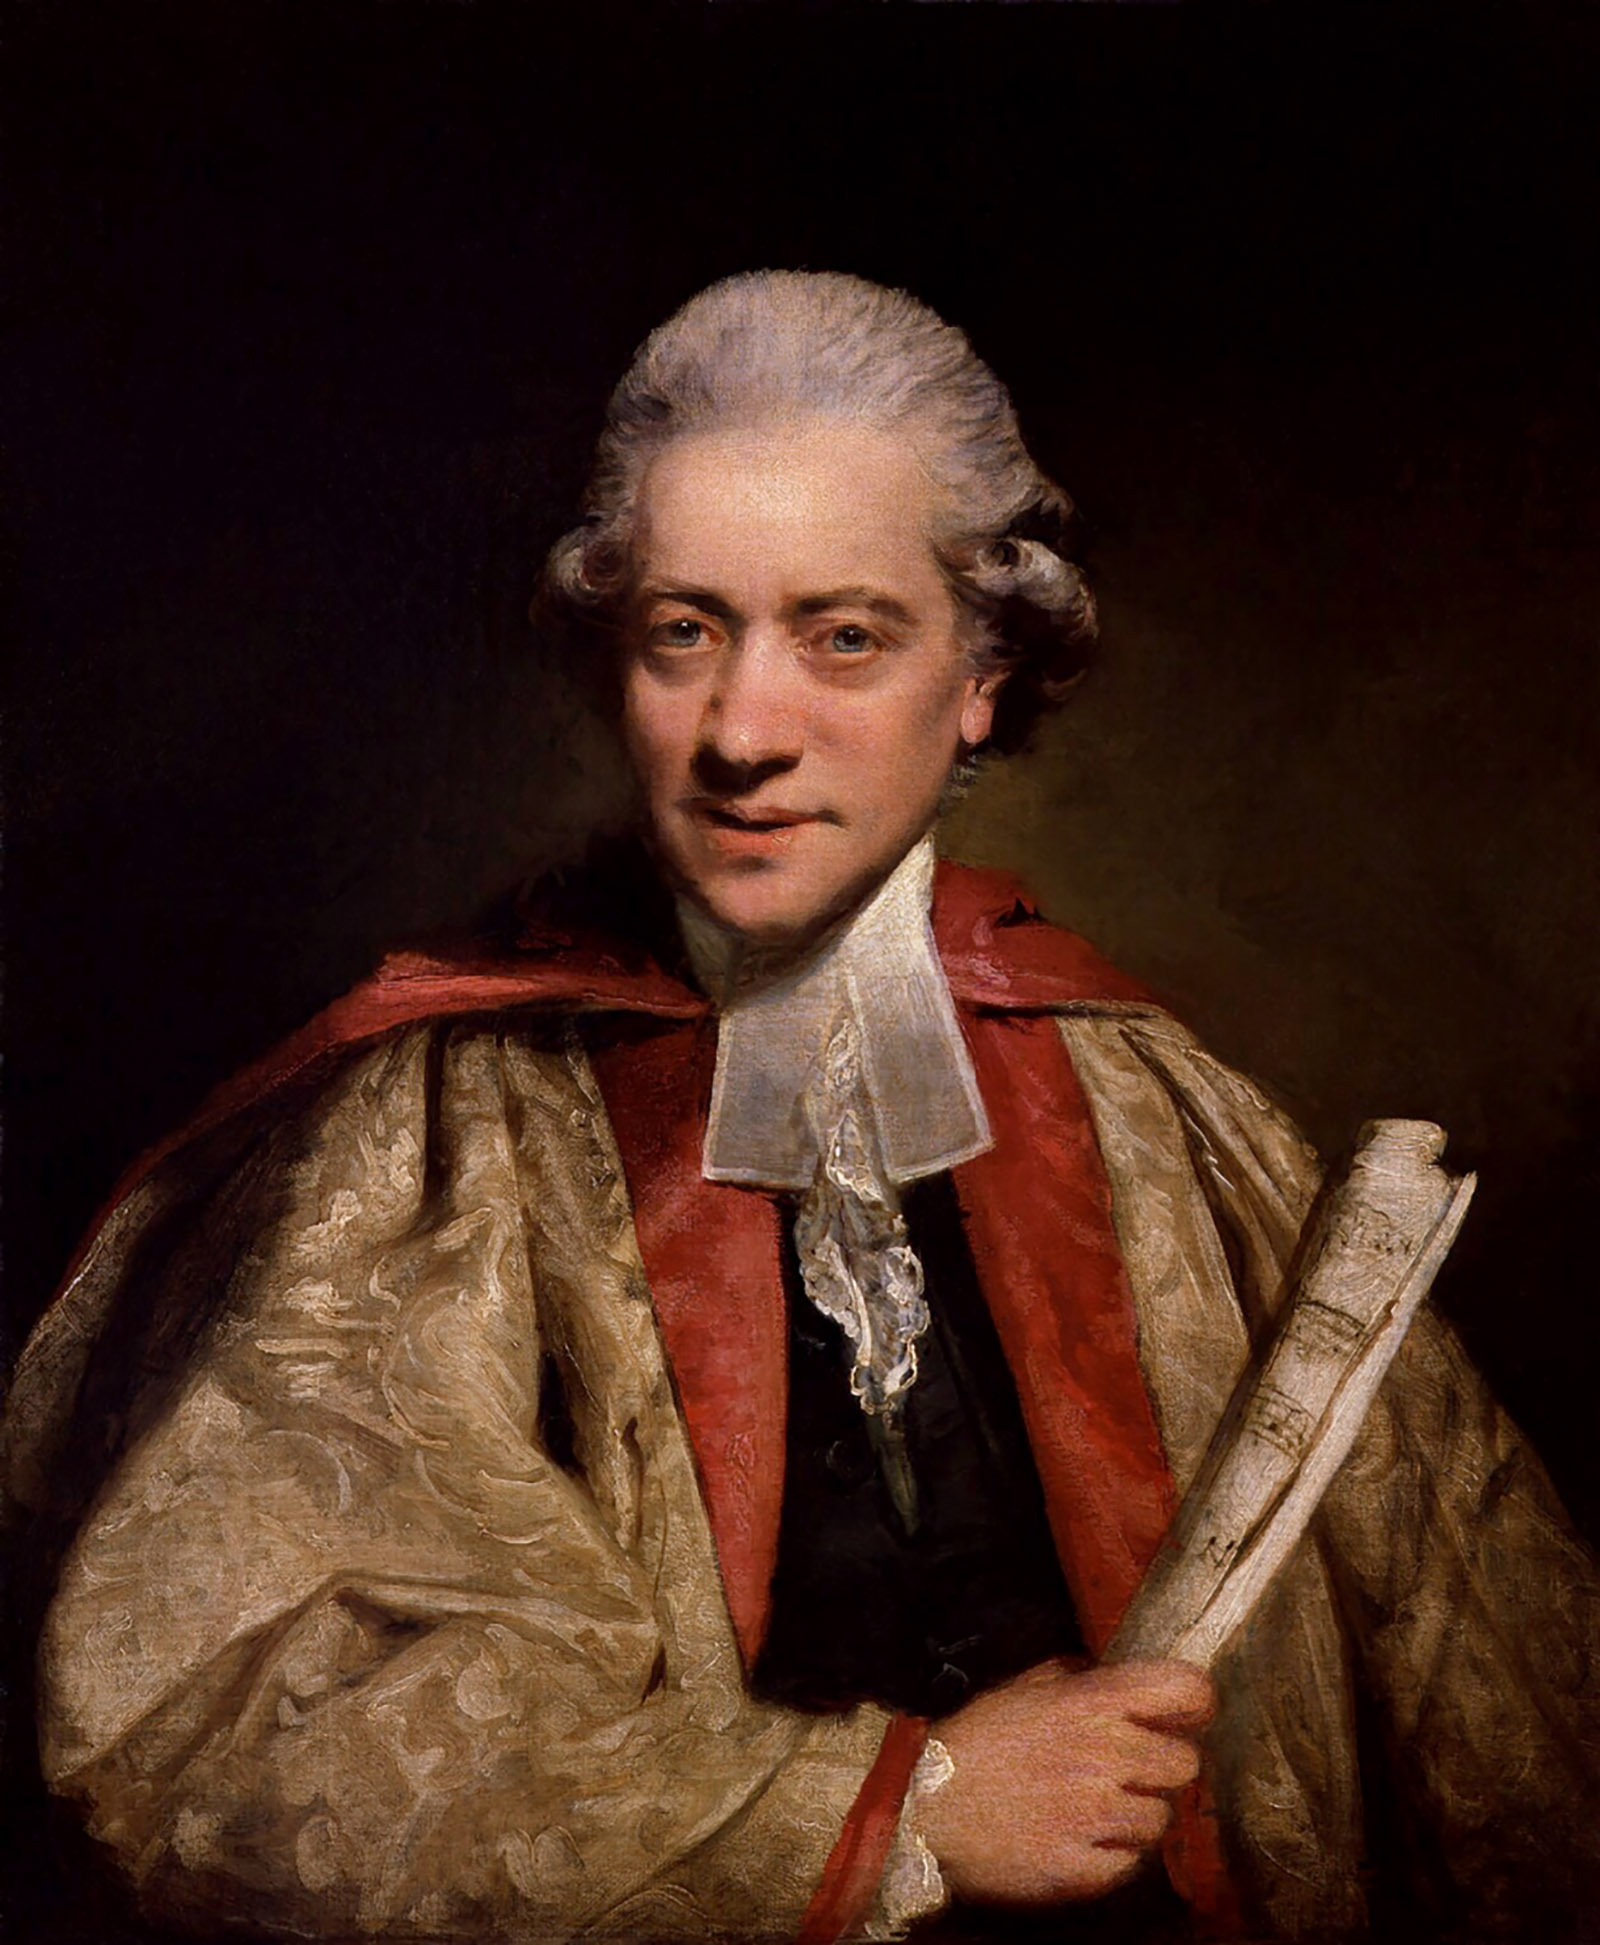 Charles Burney; portrait by Joshua Reynolds, 1781